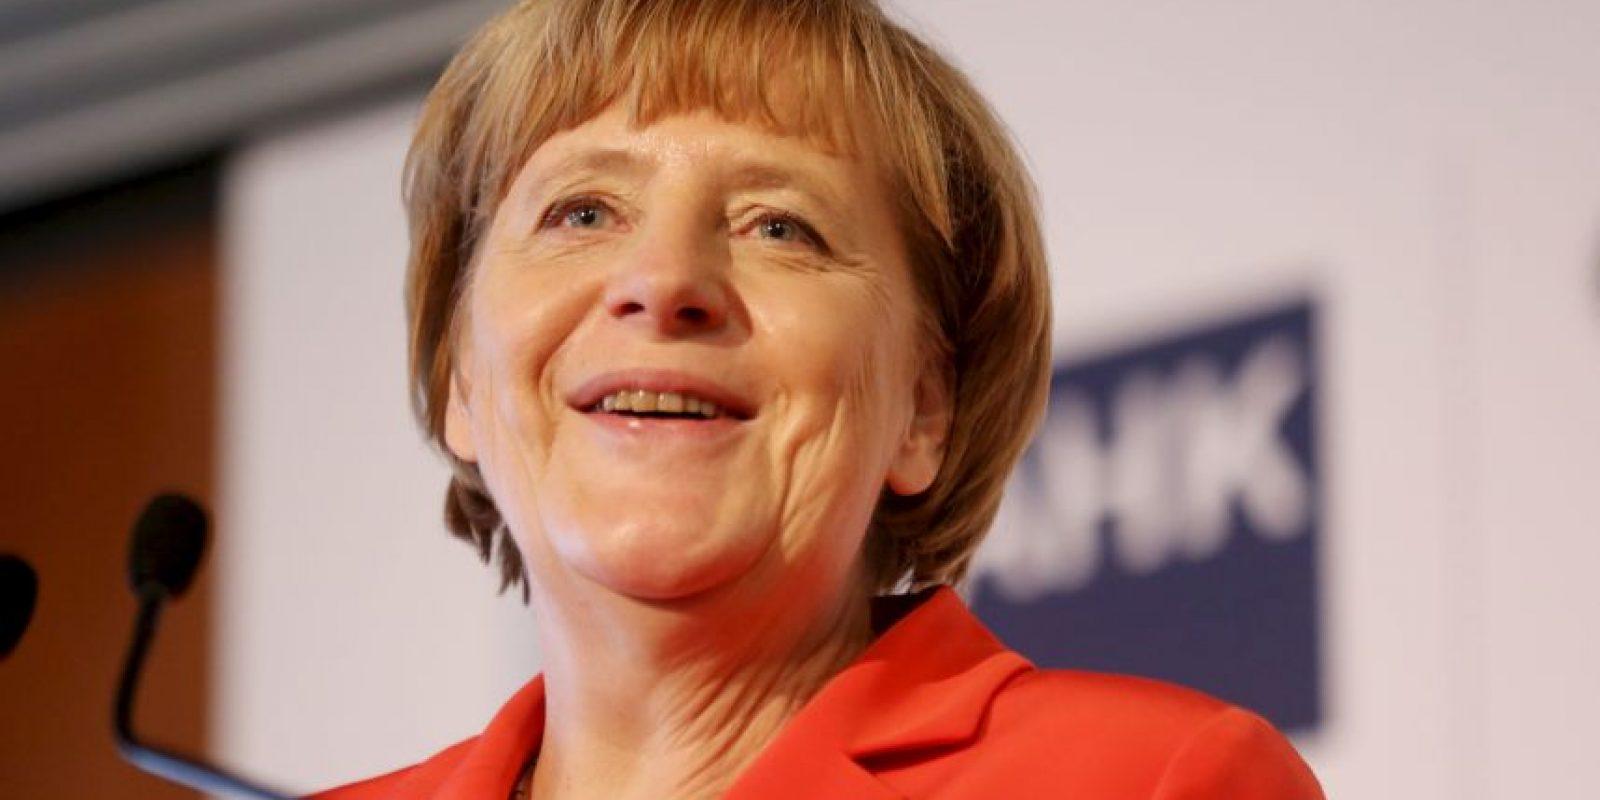 La canciller alemana fue la primera mujer en desempeñar este cargo, al cual llegó en 2005. Lleva tres gobiernos en el cuerpo y termina en 2017. Foto:Getty Images